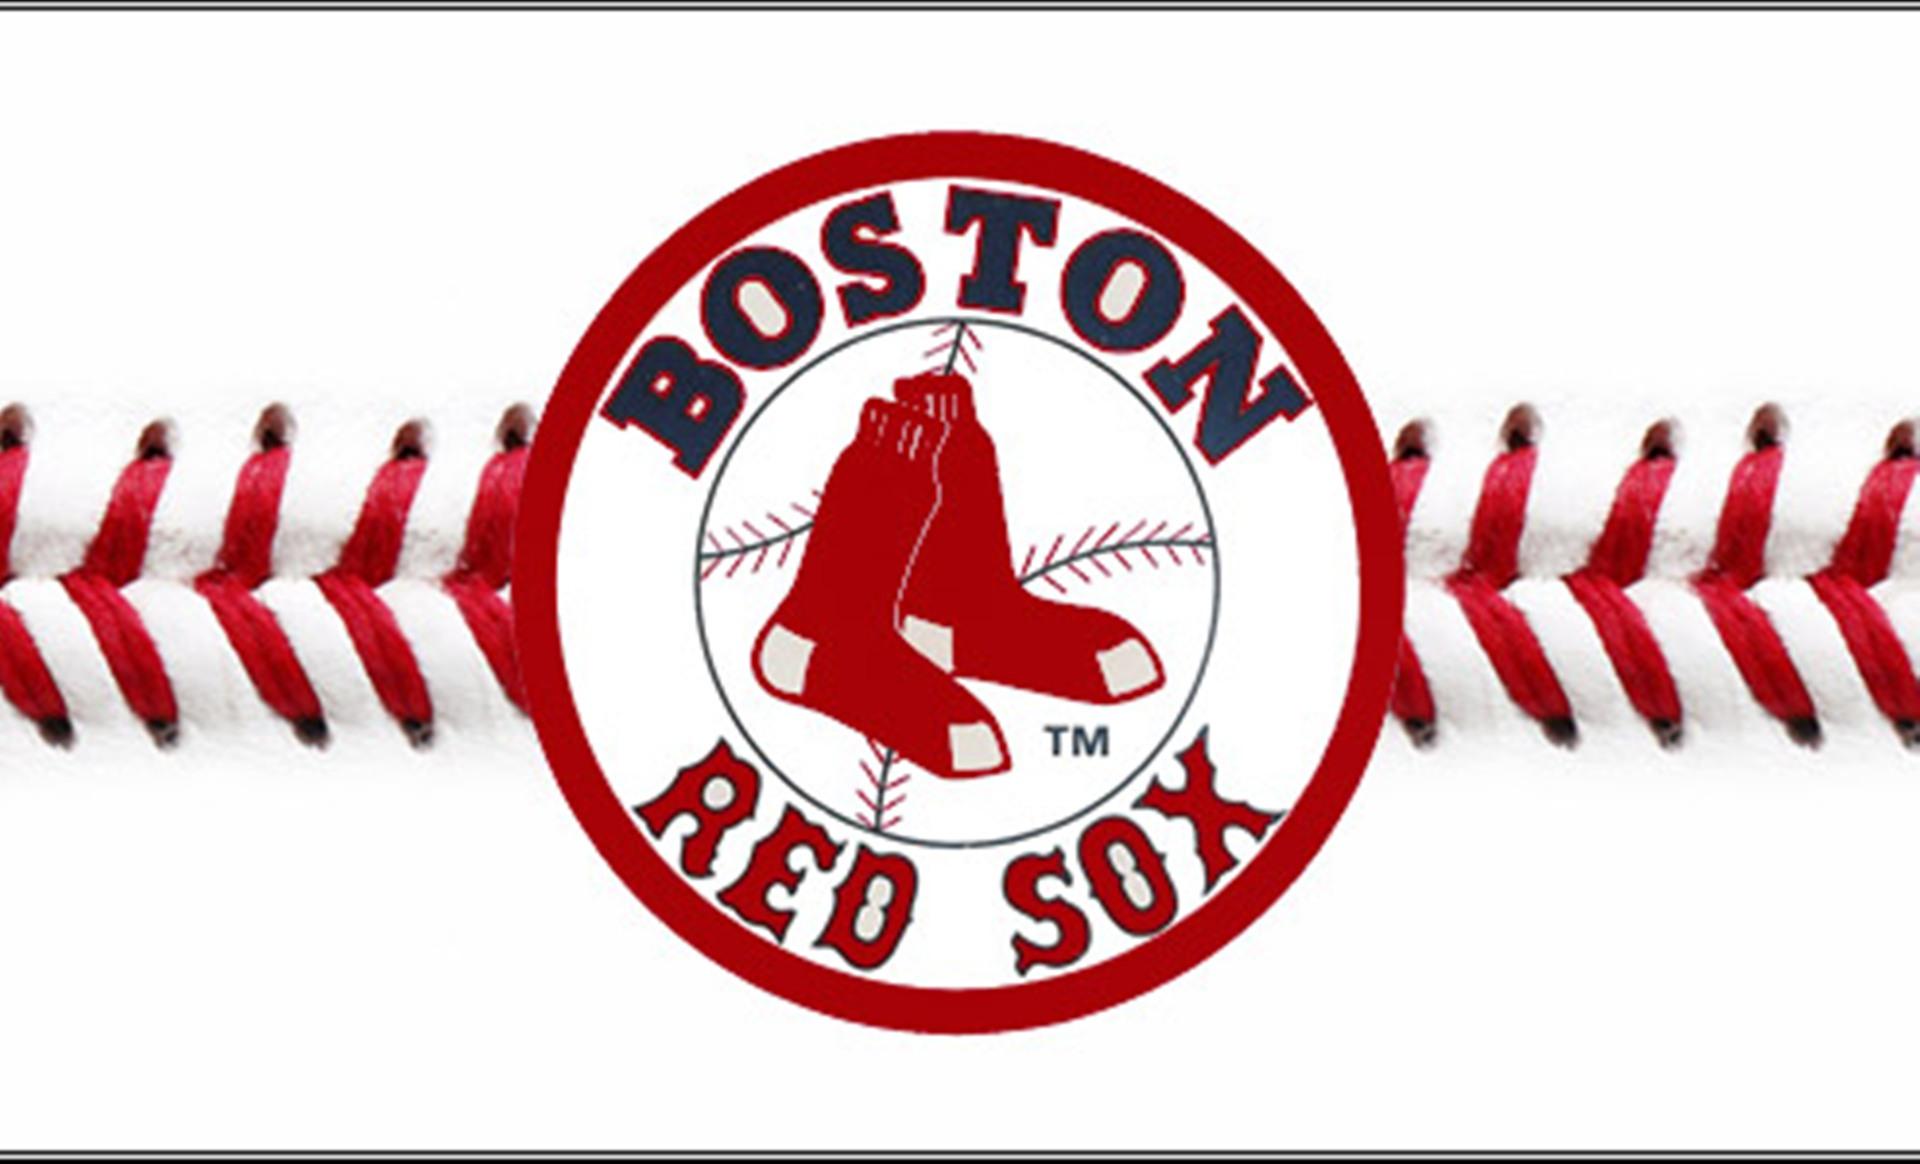 Red Sox Background 21869 Kb Wallperiocom 1920x1164